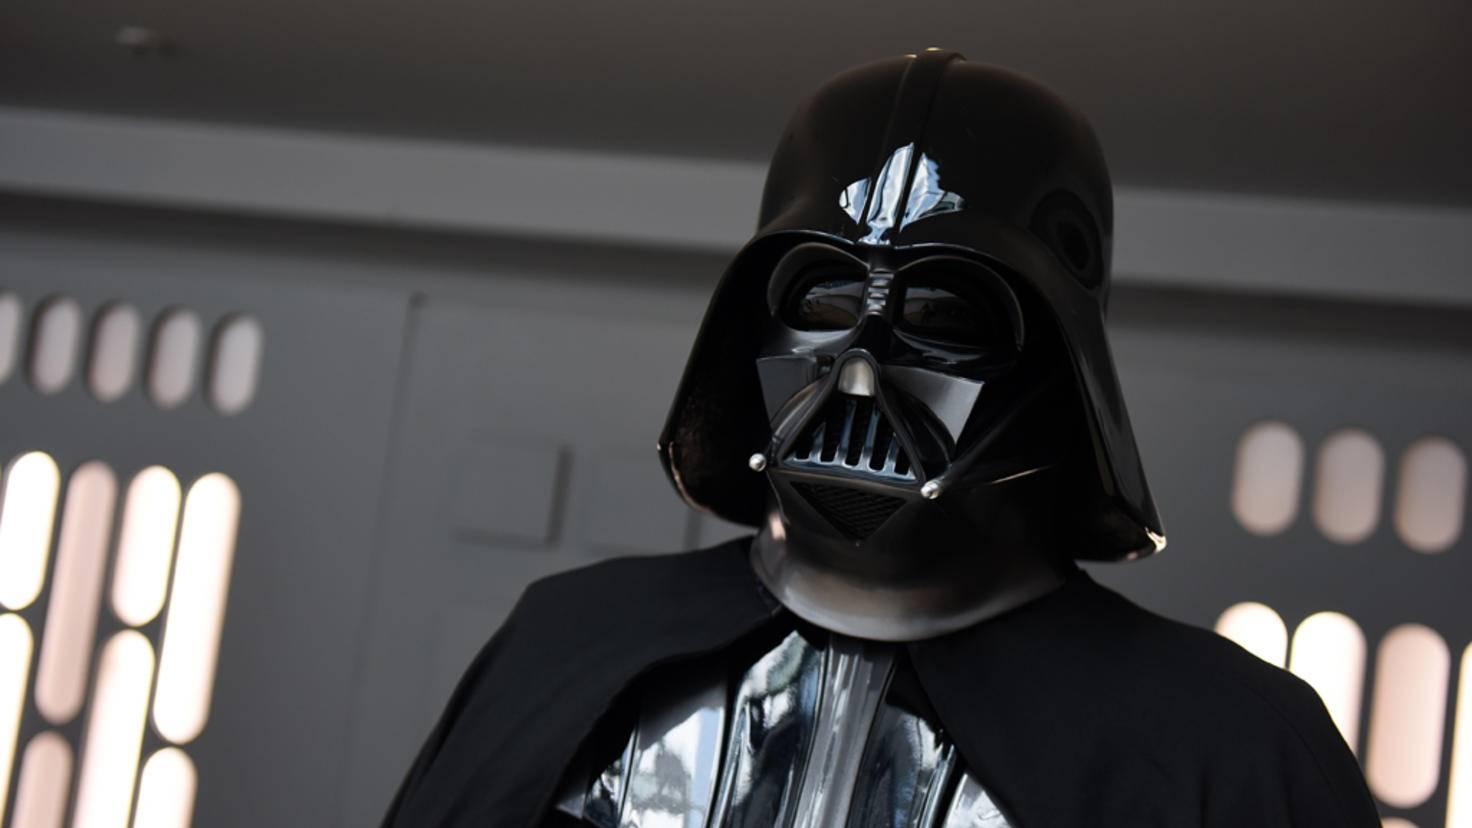 Bis es einen Anzug à la Darth Vader gibt, werden noch einige Jahre ins Land ziehen müssen.